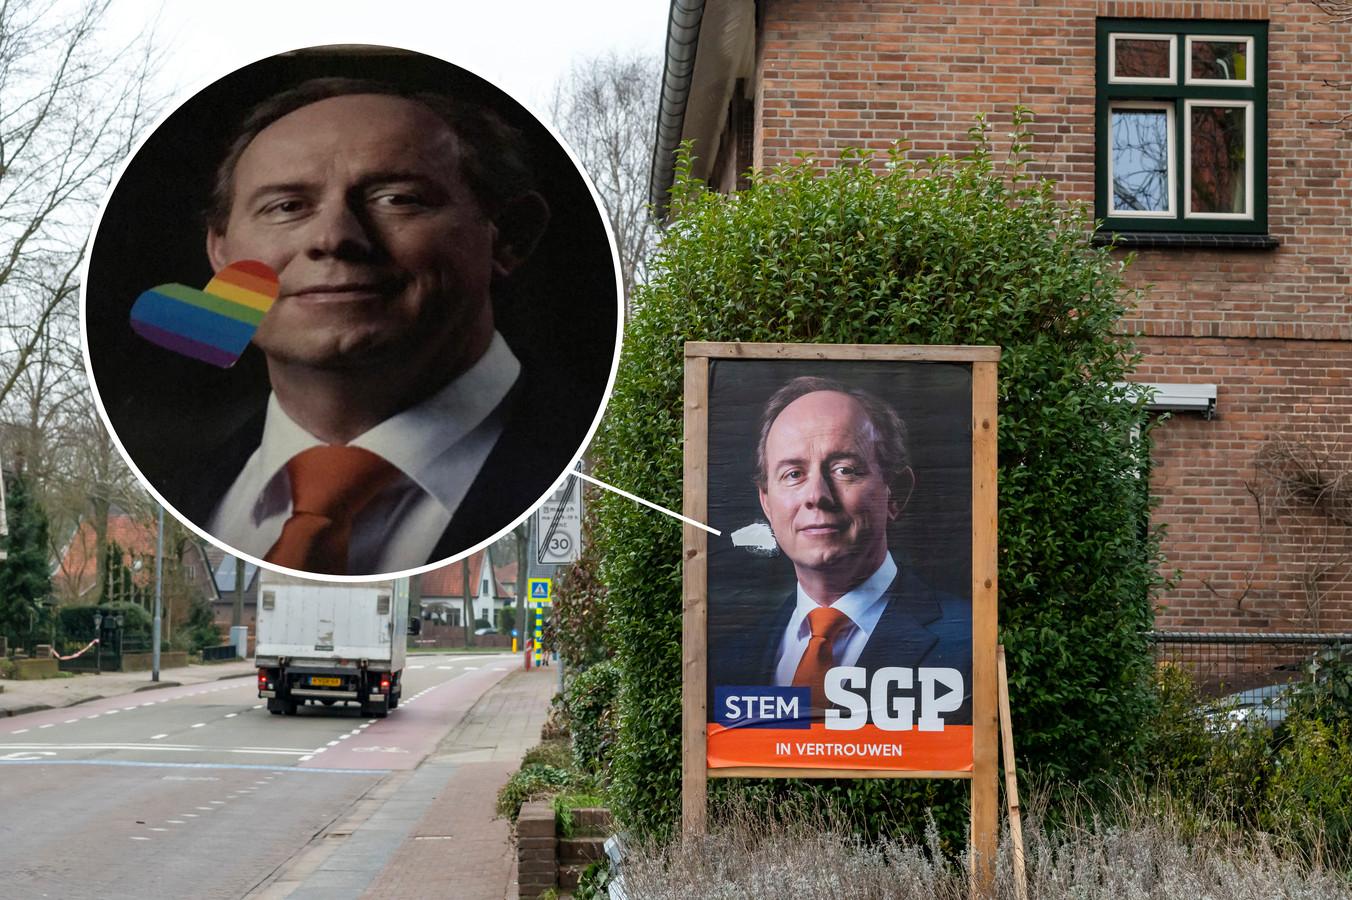 Op verkiezingsposters van SGP in Ermelo zijn regenbooghartjes geplakt, ook bij wethouder Leo van der Velden in de voortuin.